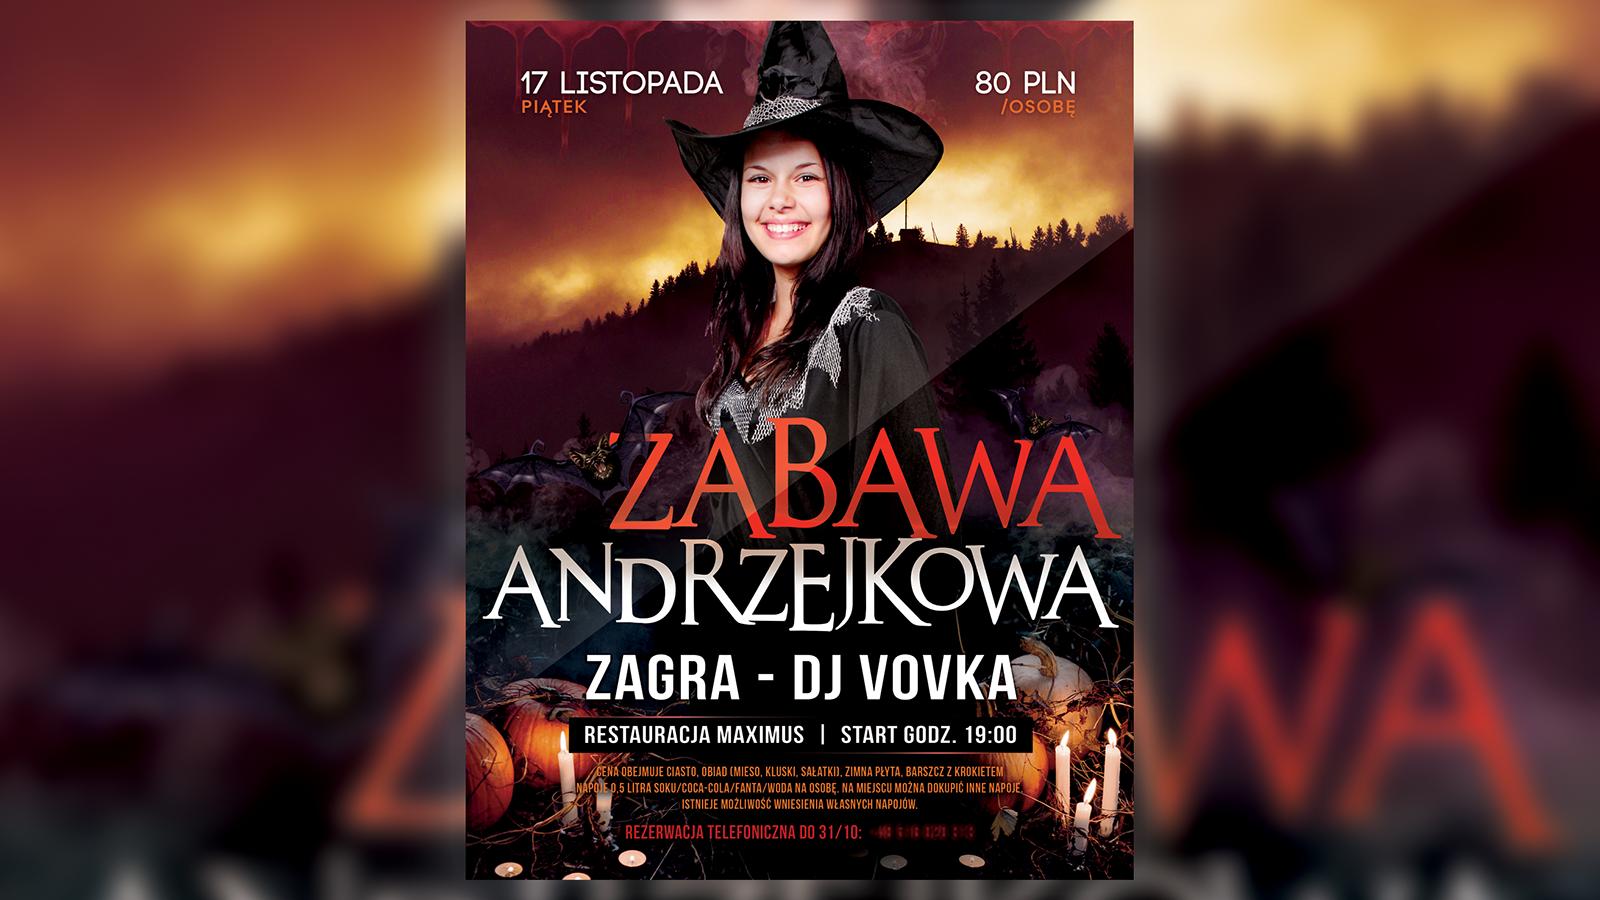 Plakat - Zabawa Andrzejkowa